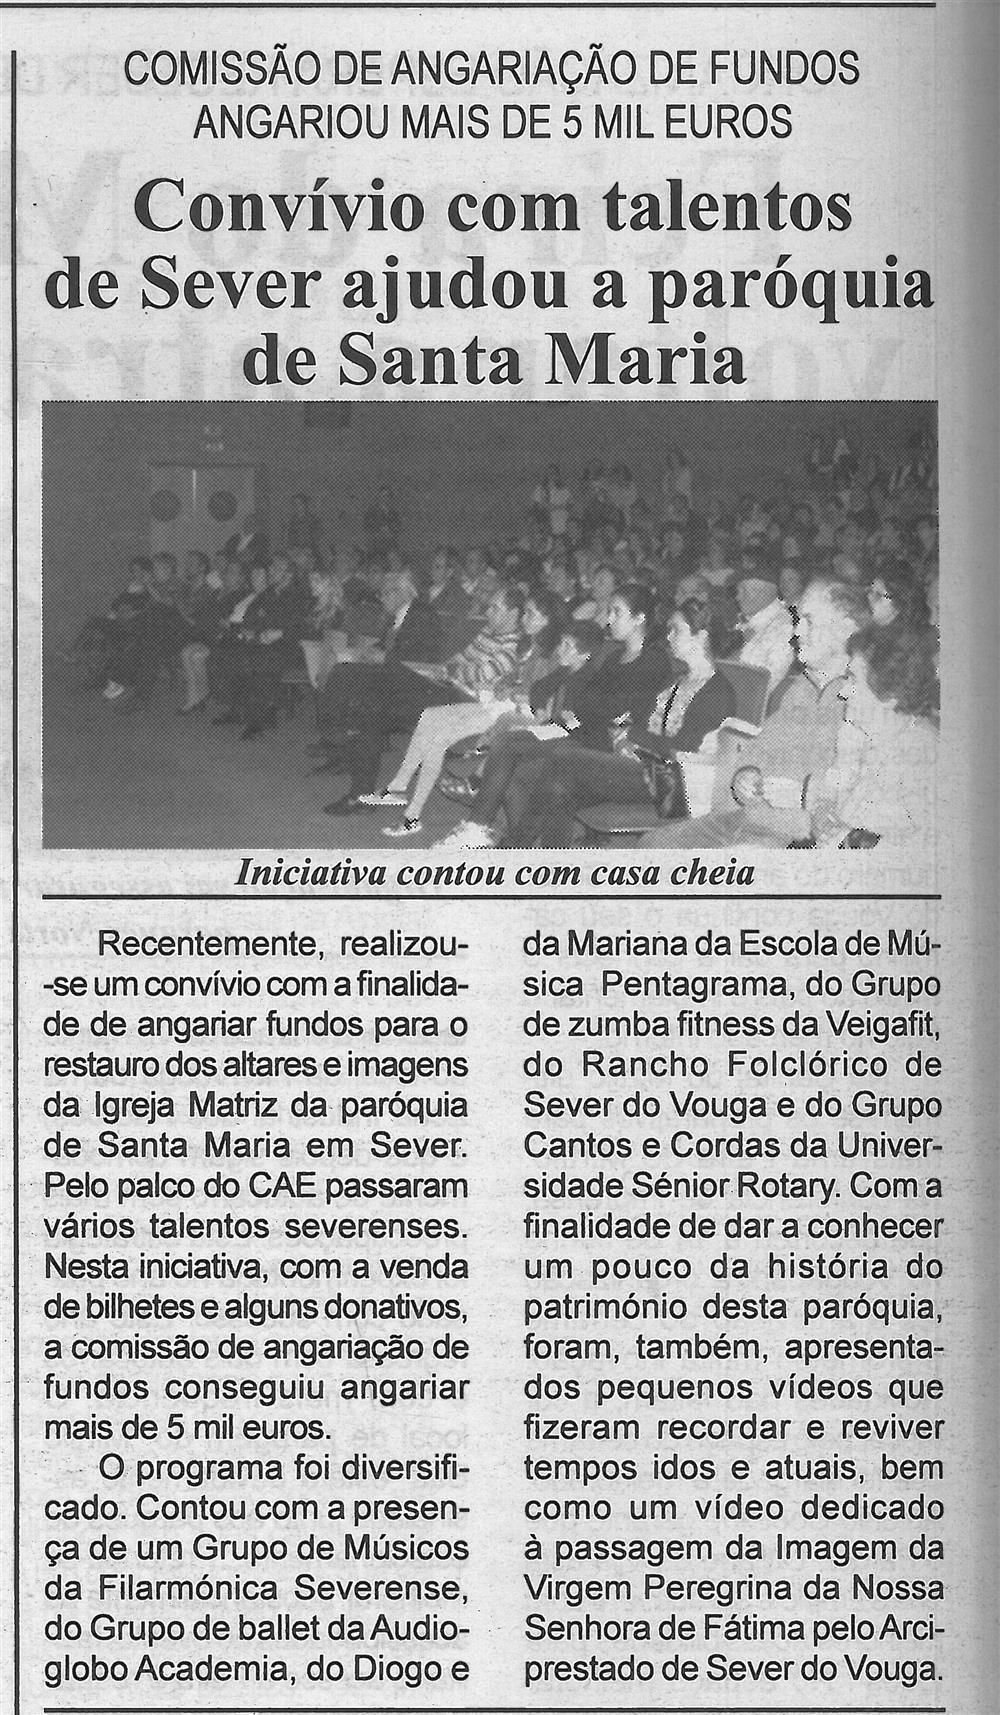 BV-2.ªjun.'16-p.6-Convívio com talentos de Sever ajudou a paróquia de Santa Maria : comissão de angariação de fundos angariou mais de 5 mil euros : iniciativa contou com casa cheia.jpg